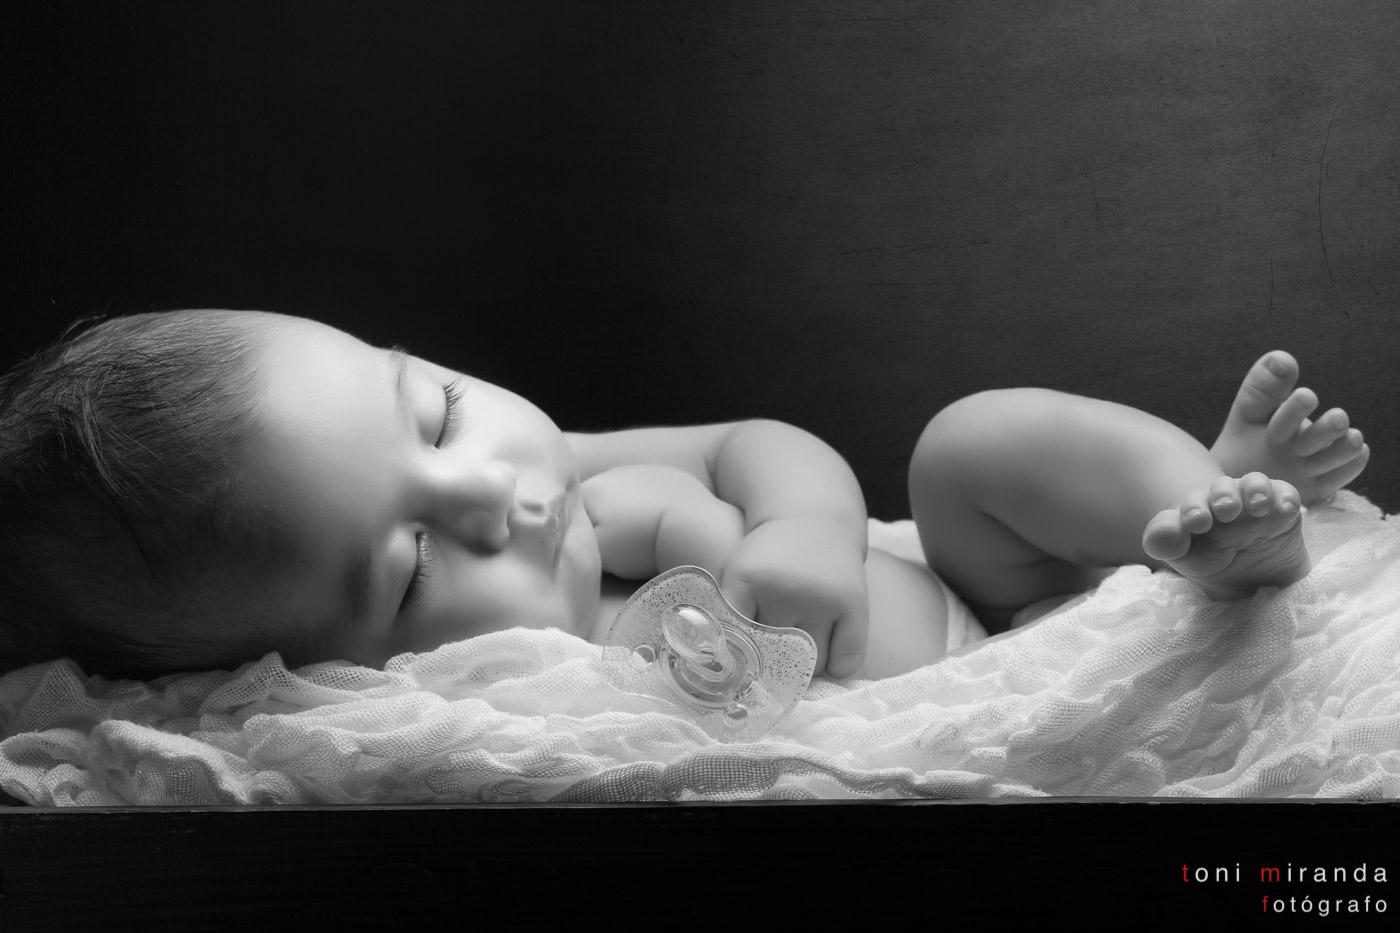 bebe de un mes durmiendo en cuna de madera con chupete